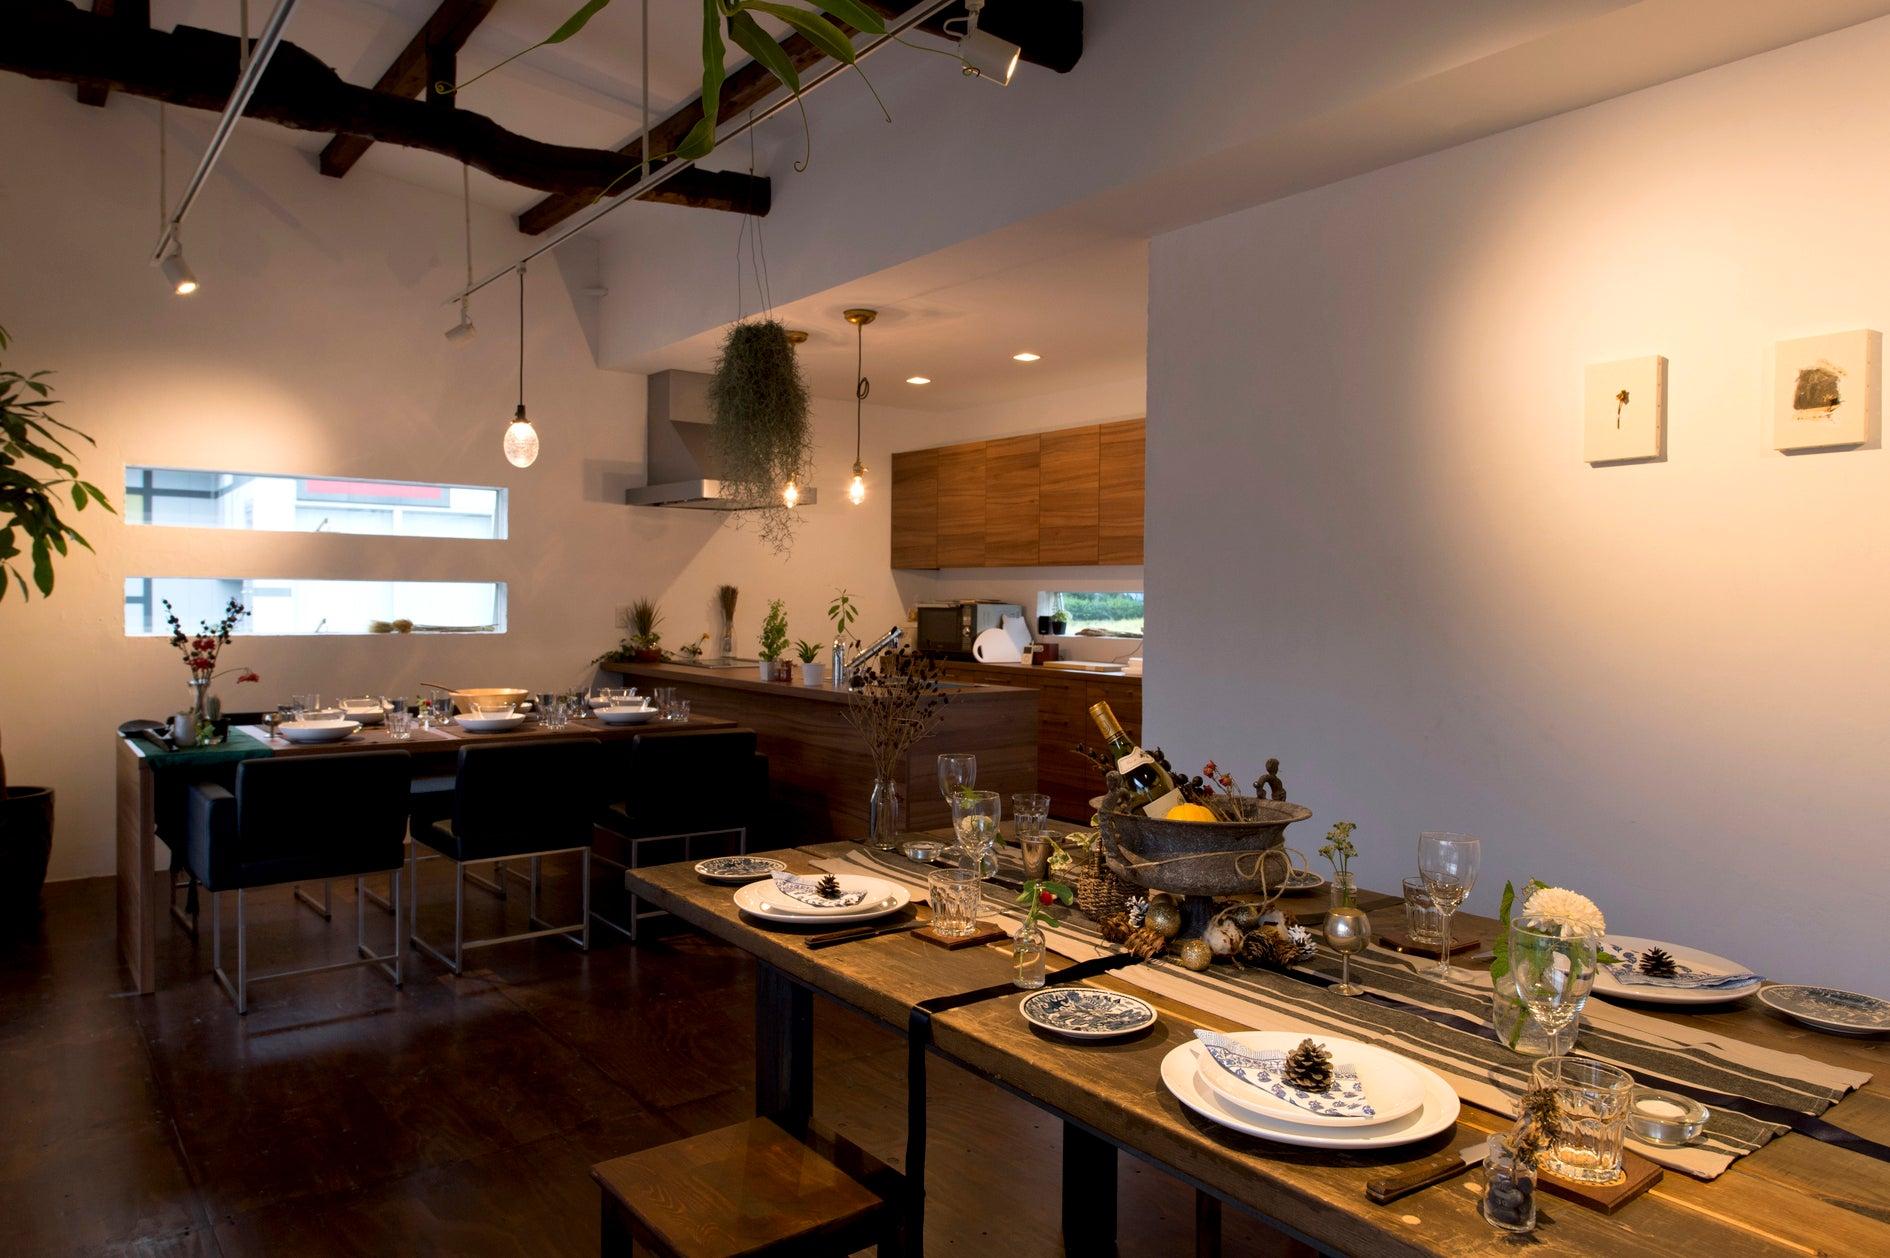 デザインレンタルスペースで「暮らしを豊かに」(暮ら箱 デザインレンタルスペースで「暮らしを豊かに」) の写真0